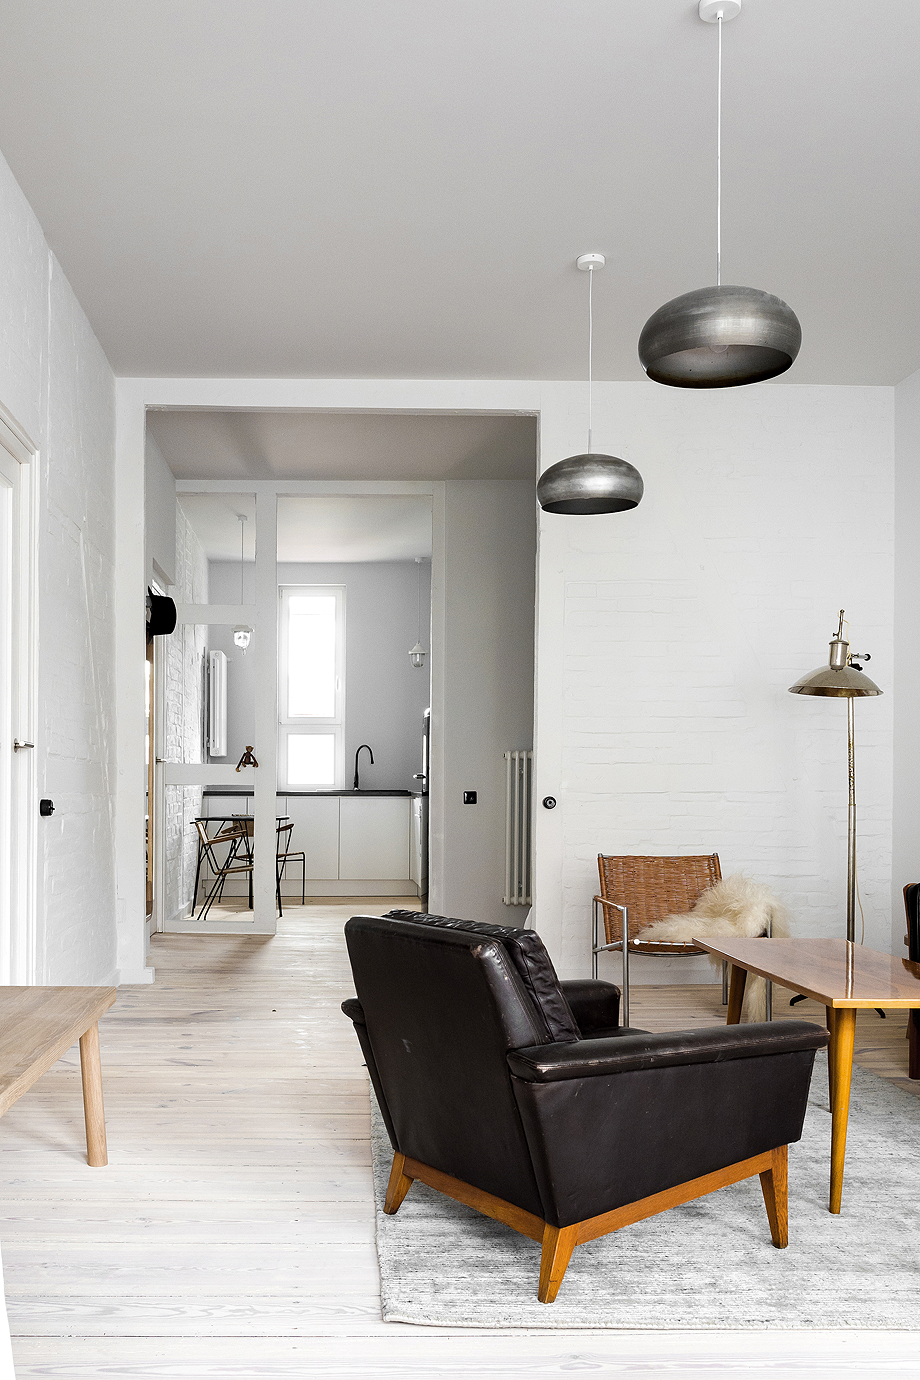 apartamento de vacaciones de loft kolasinski (3)